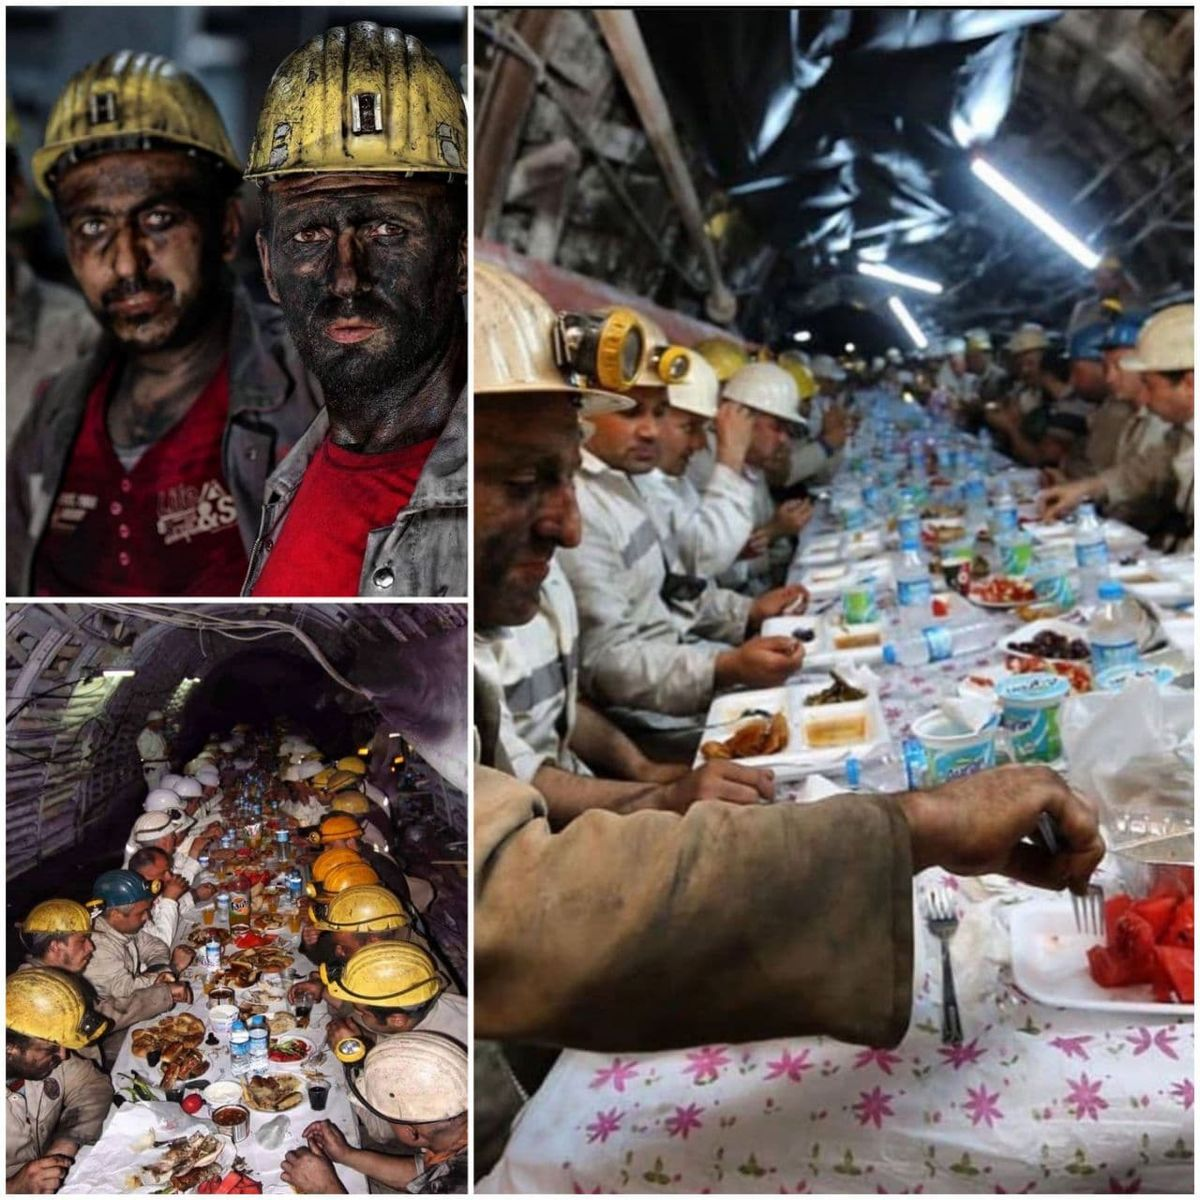 کارگران معدن در ترکیه در حال افطار +عکس